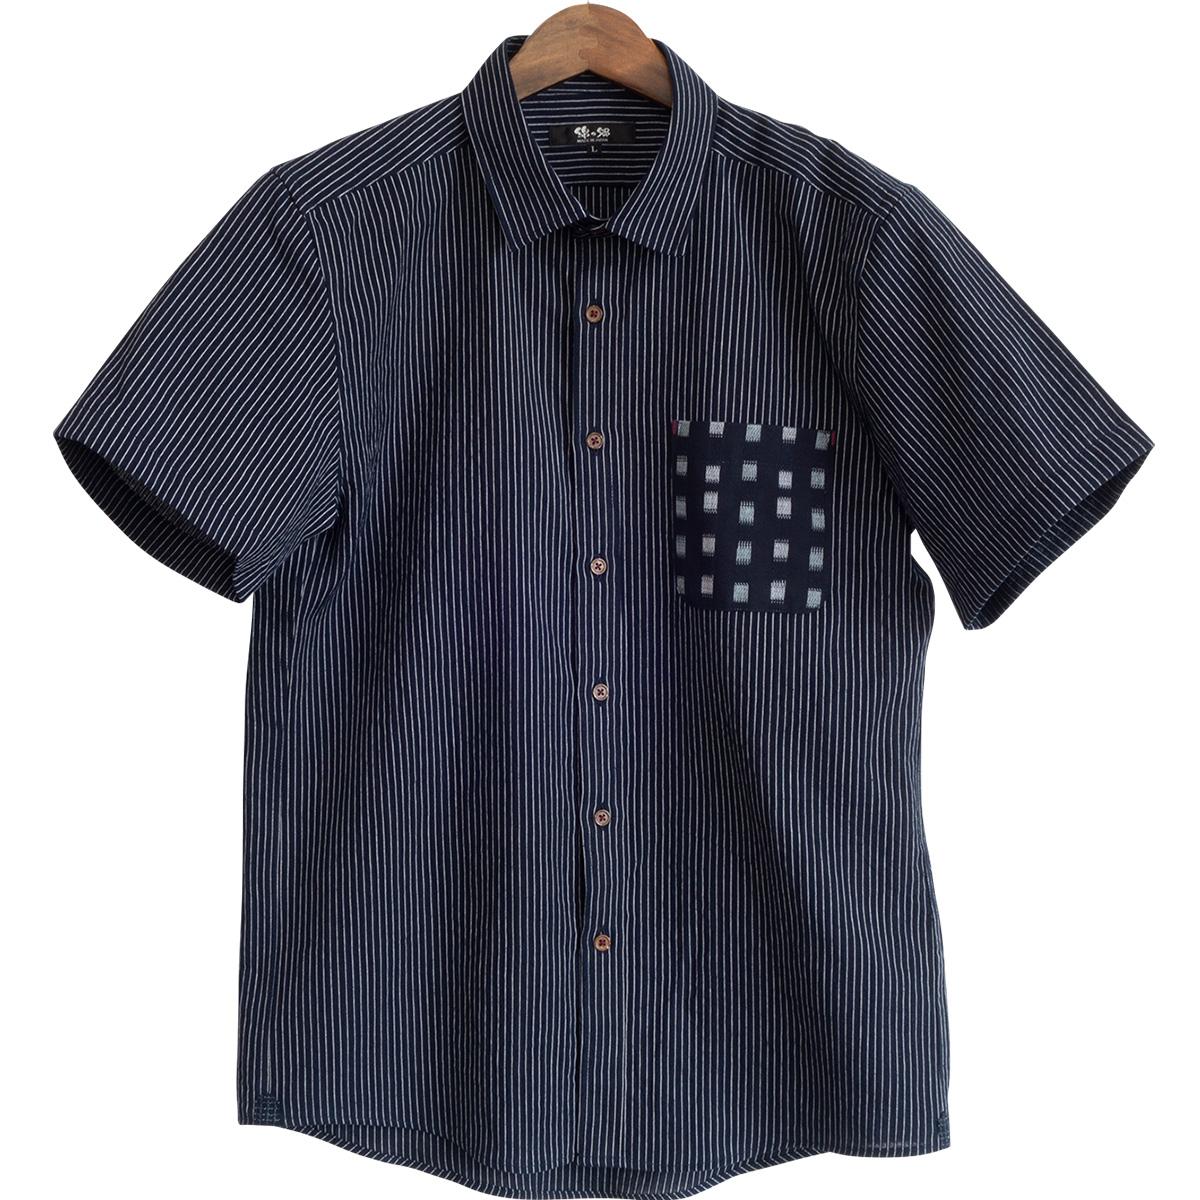 半袖ドビー織ポケットシャツ ちぢみ織<日本製久留米産>父の日ギフト プレゼント